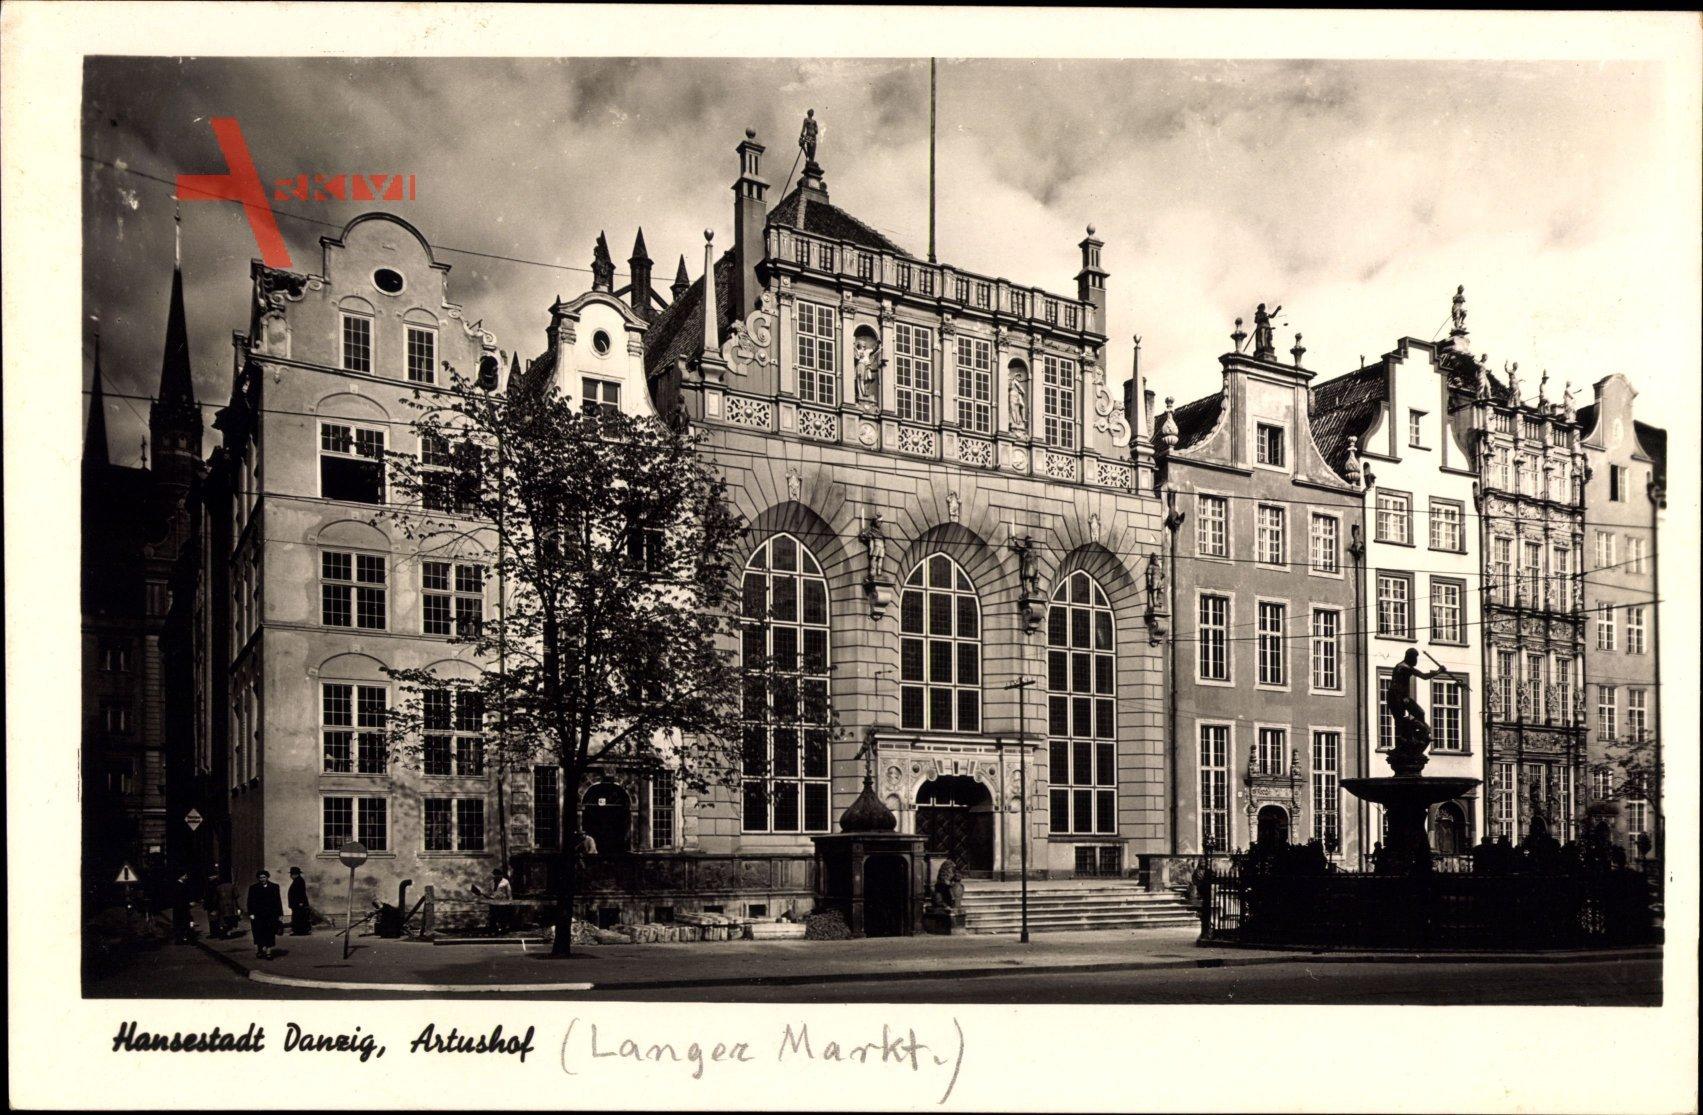 Gdańsk Danzig, Ansicht vom Artushof, Eingangsfront, Langer Markt